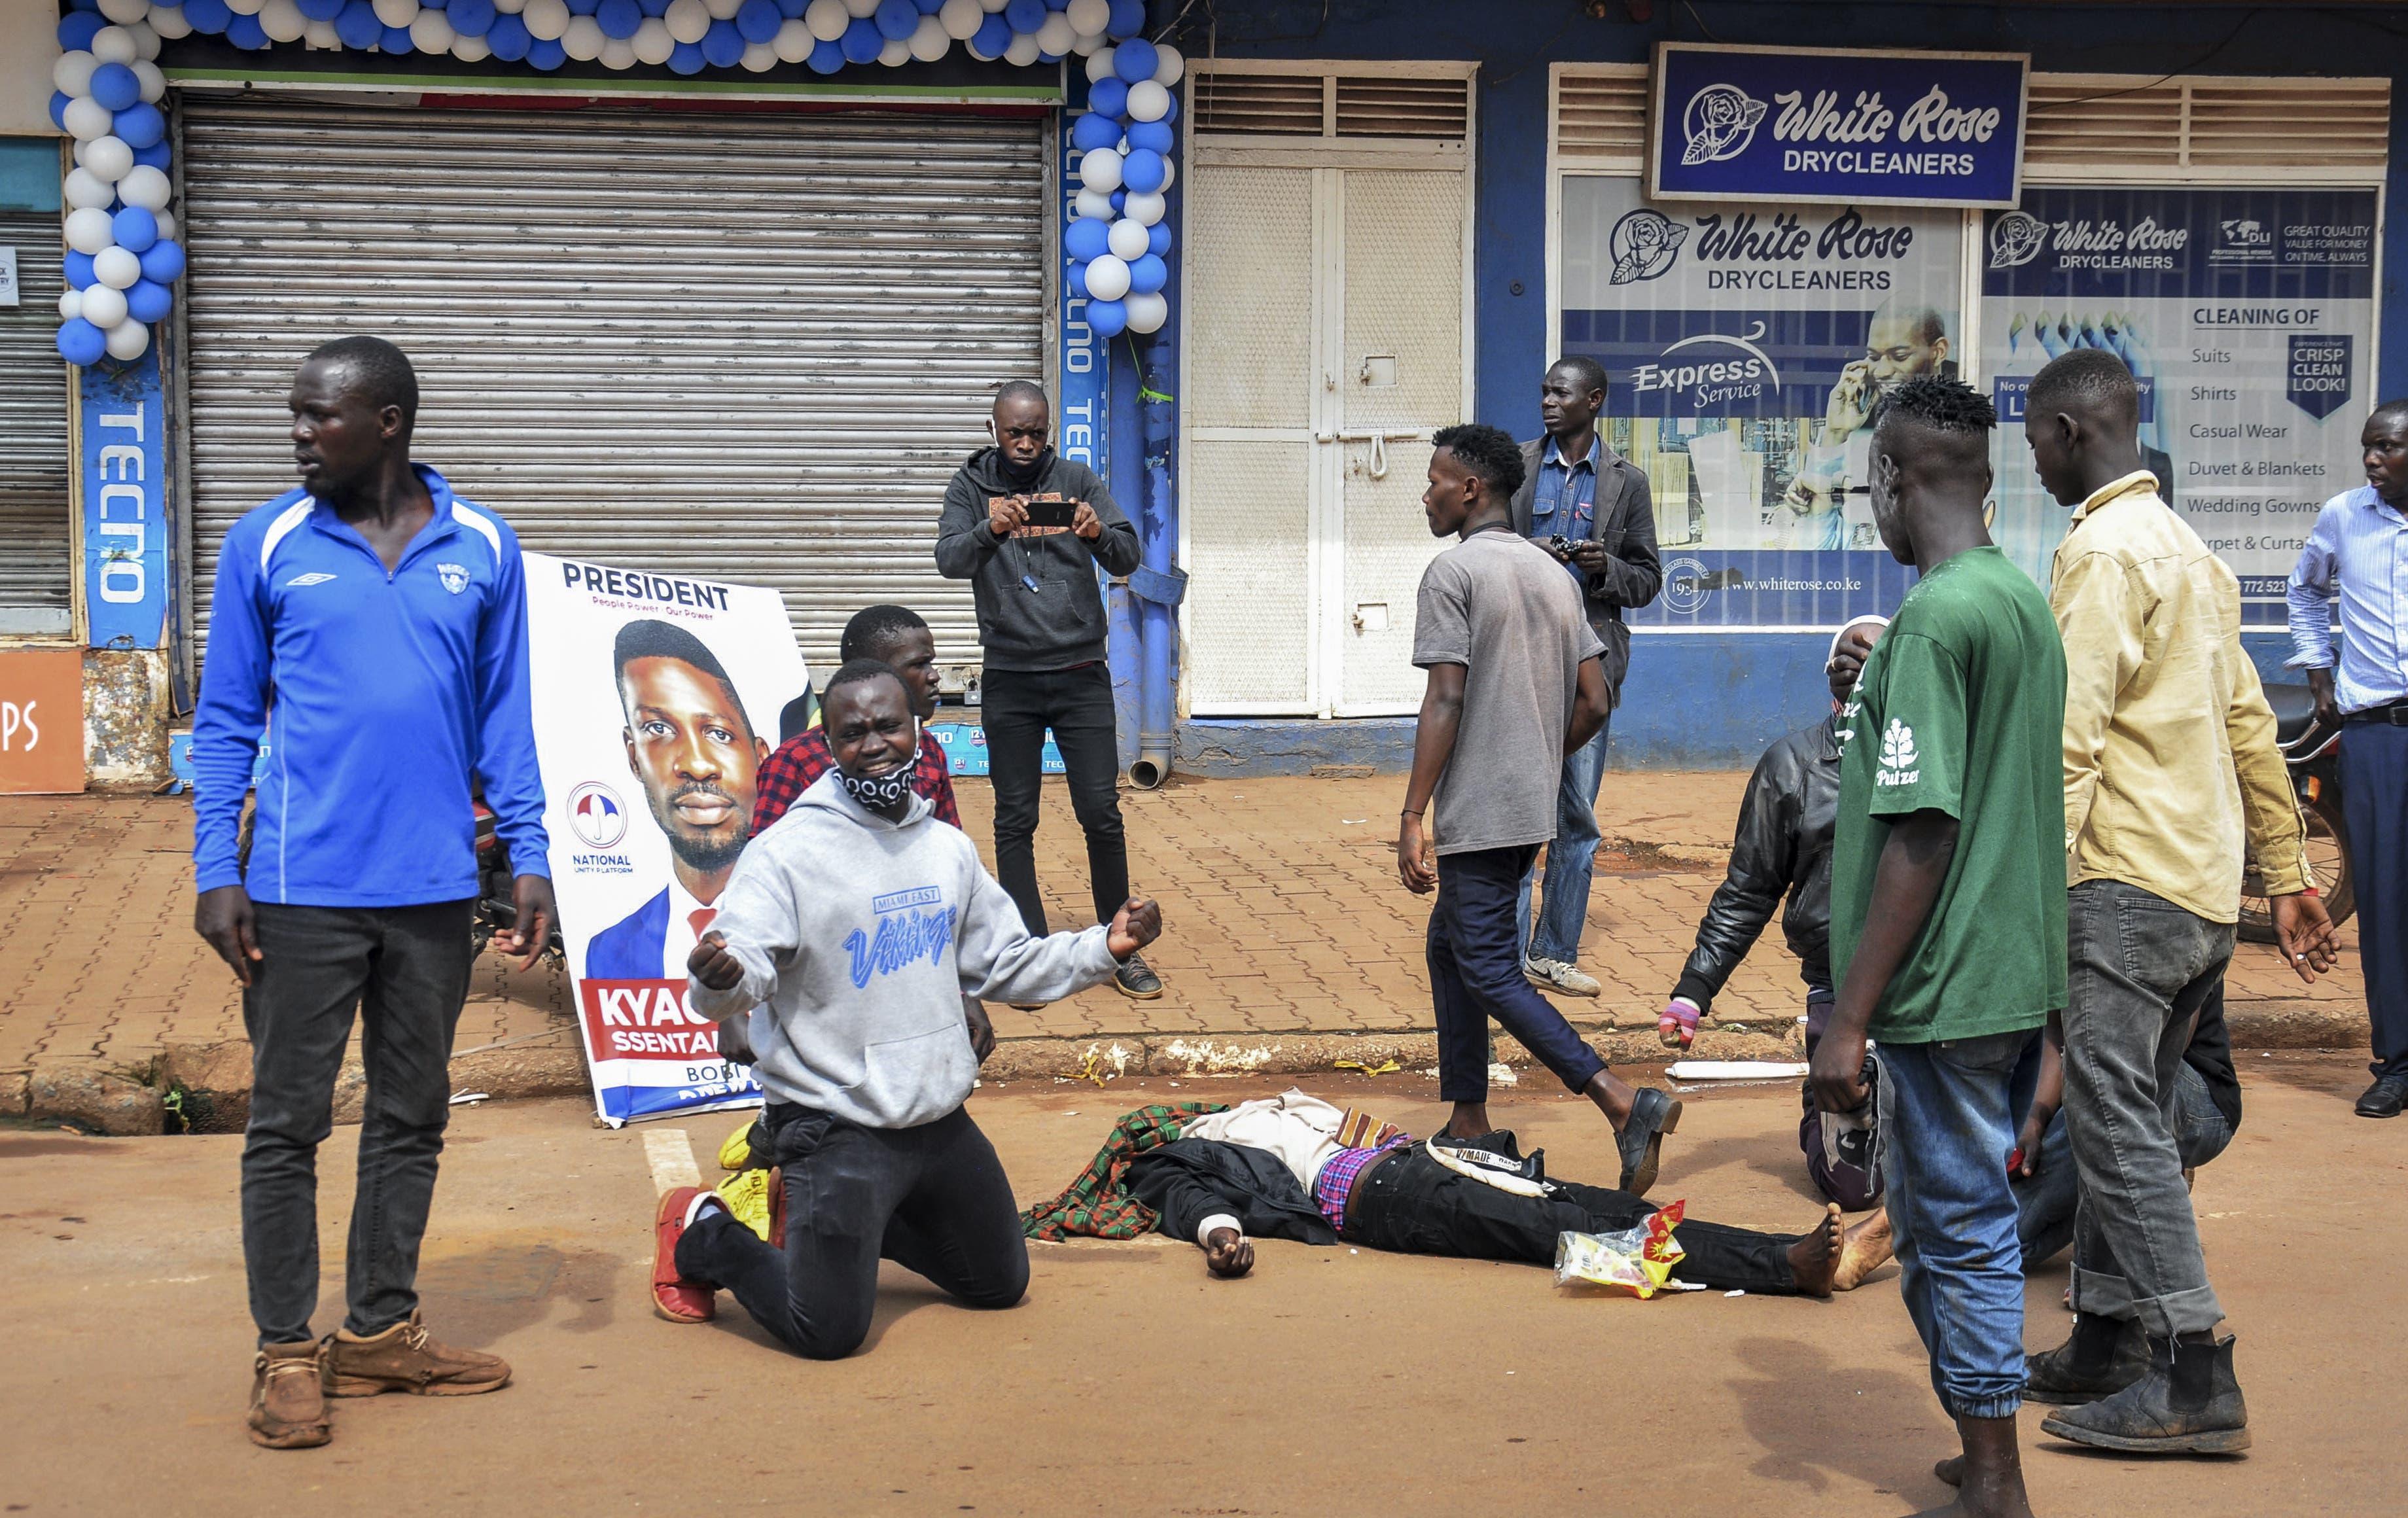 Protestierende berichten von erschossenen Demonstranten.